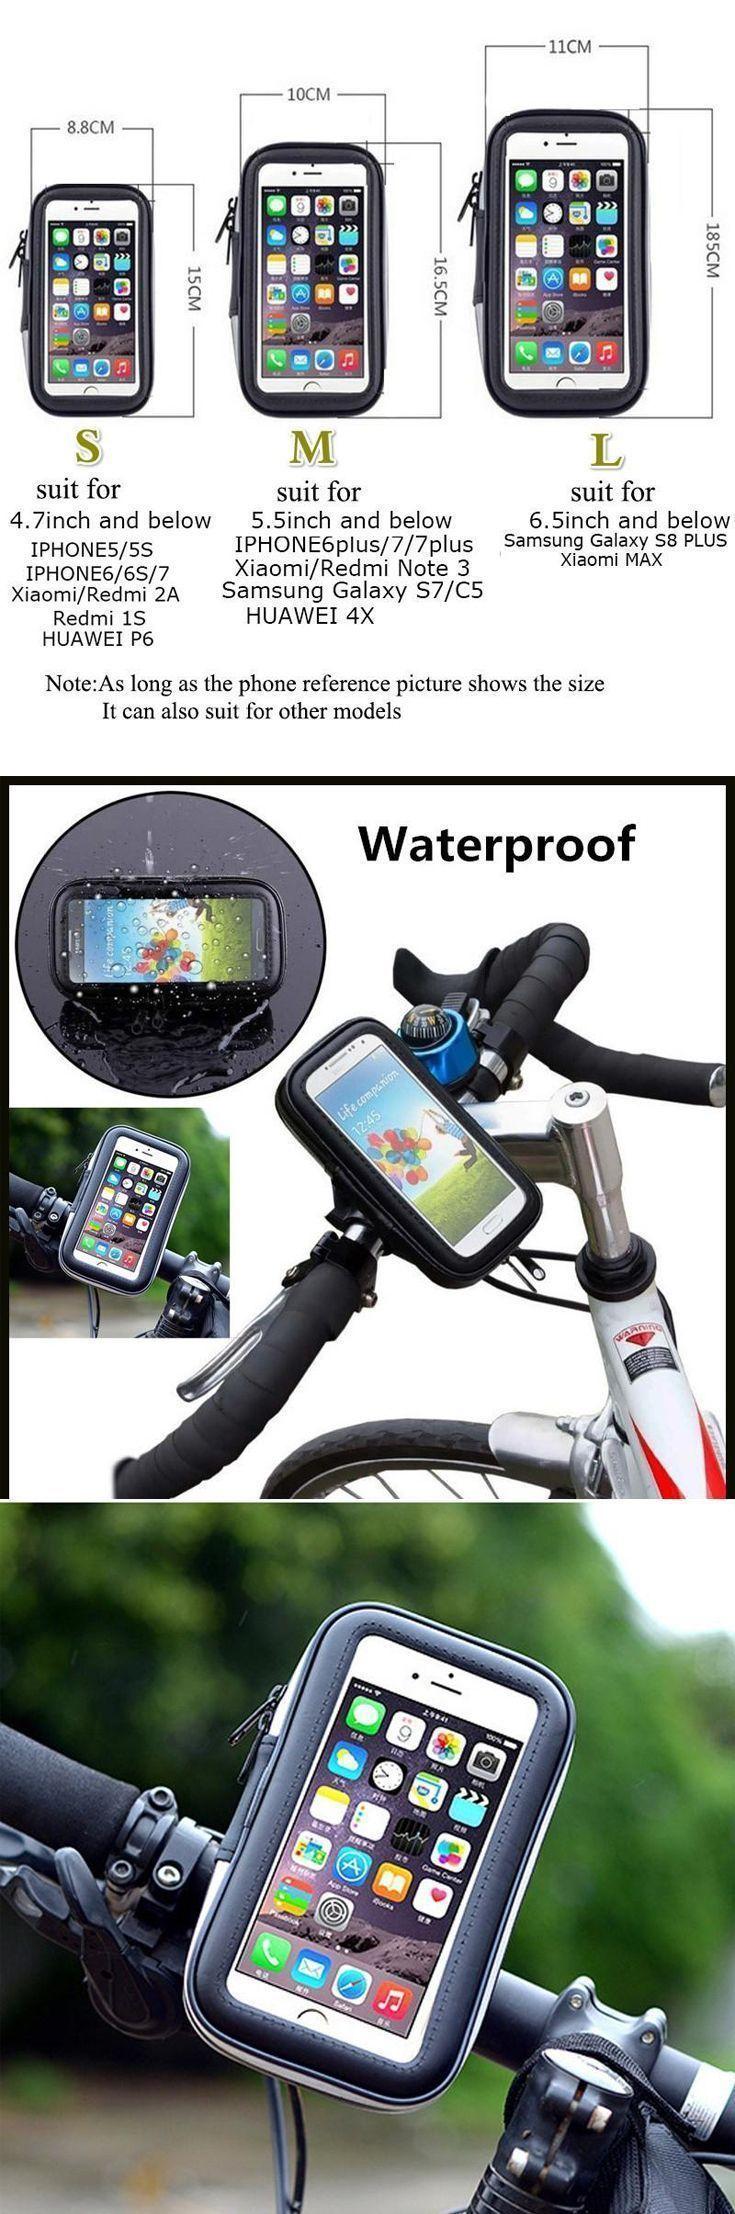 #Bag #Bike #Cell #Cycling #fitness #gleitscheiben #gleitscheiben fitness #Bag #Bike #Cell #Cycling #...